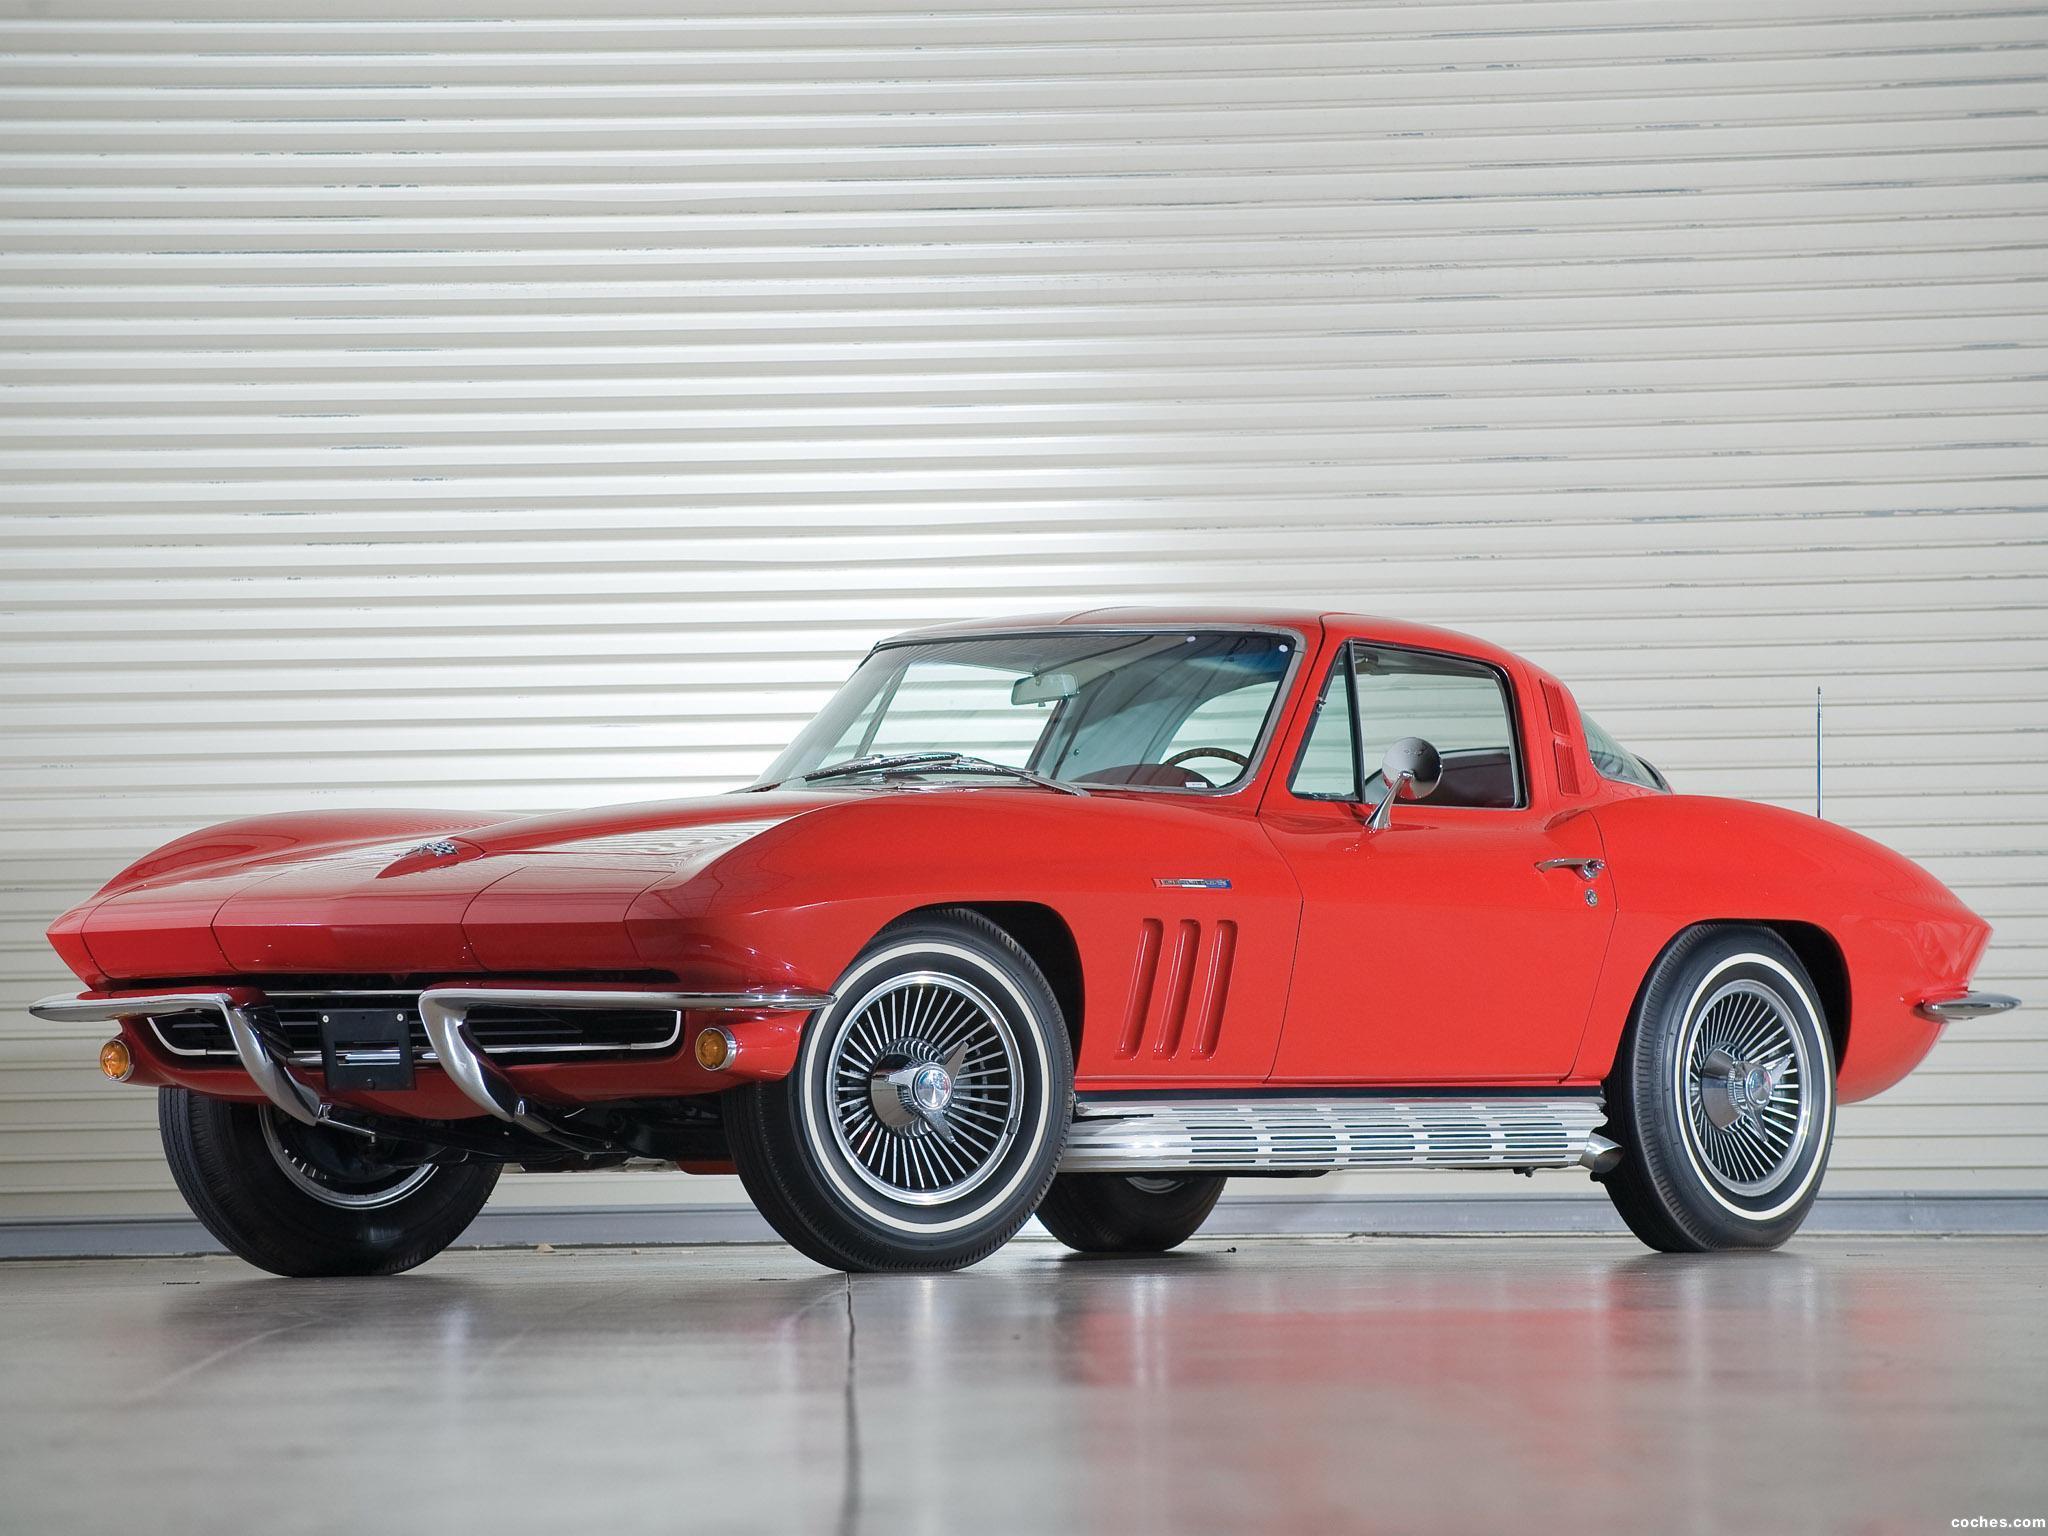 26 best Corvette Emblems images on Pinterest  Autos Cars